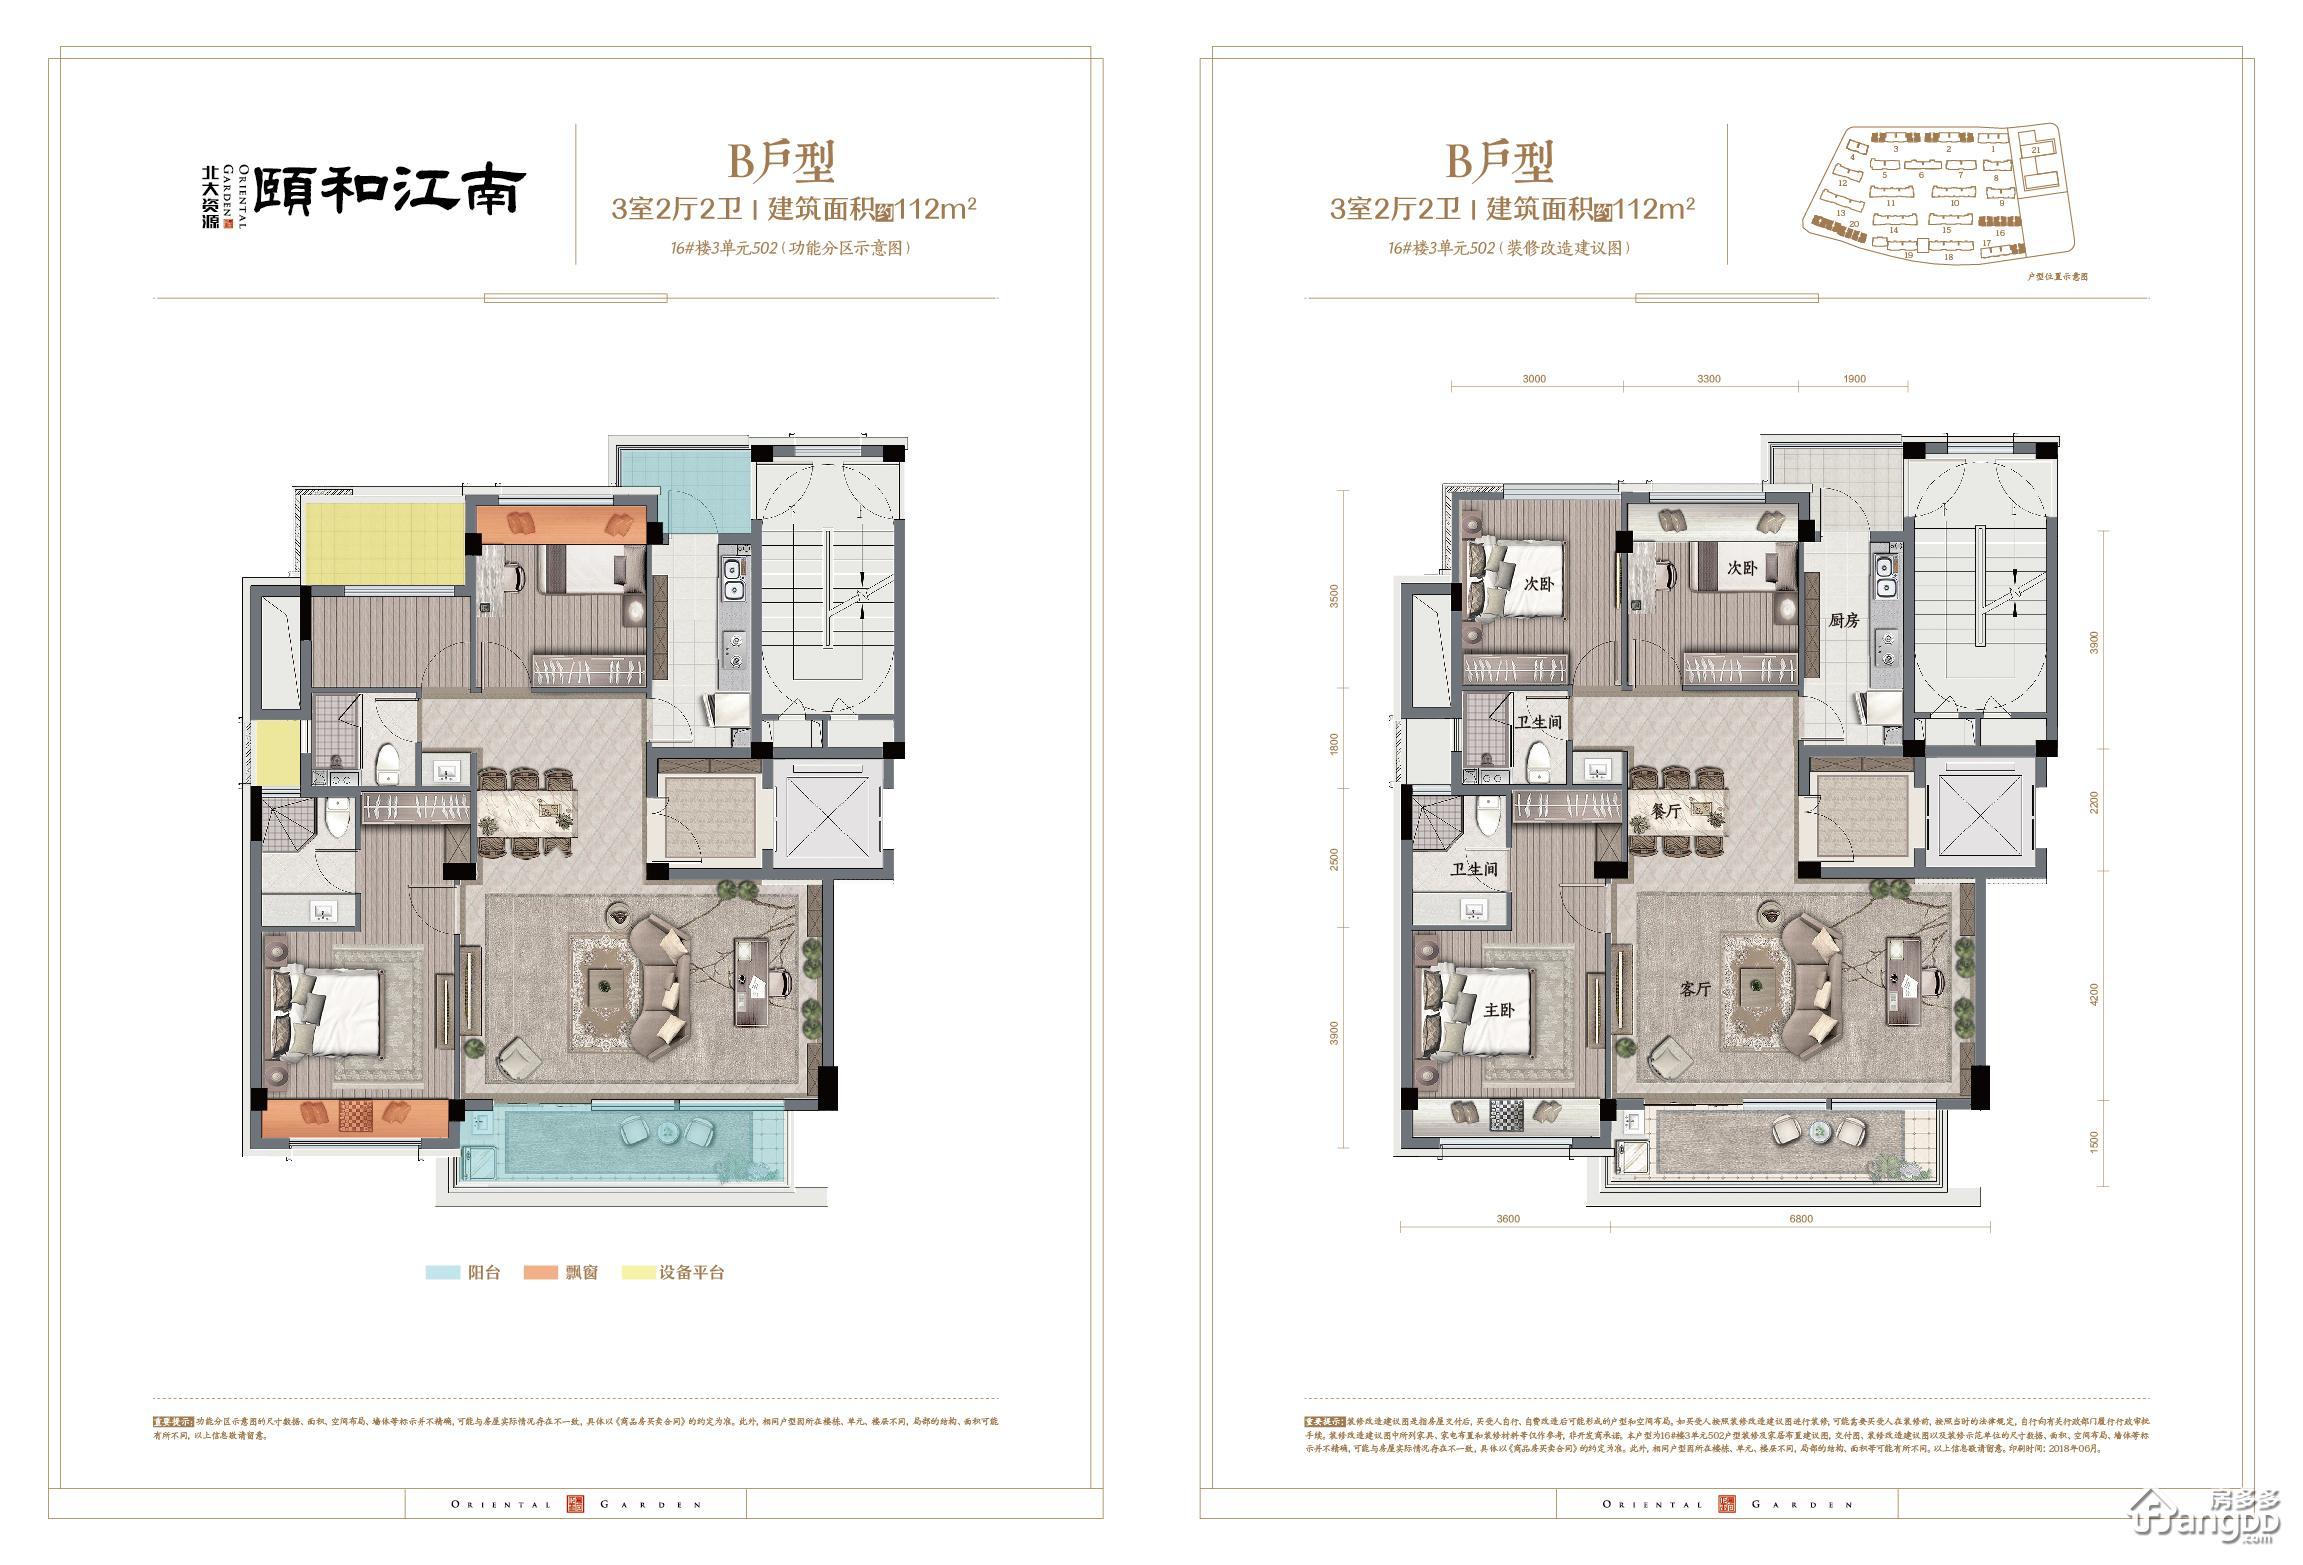 北大资源颐和江南3室2厅1卫户型图